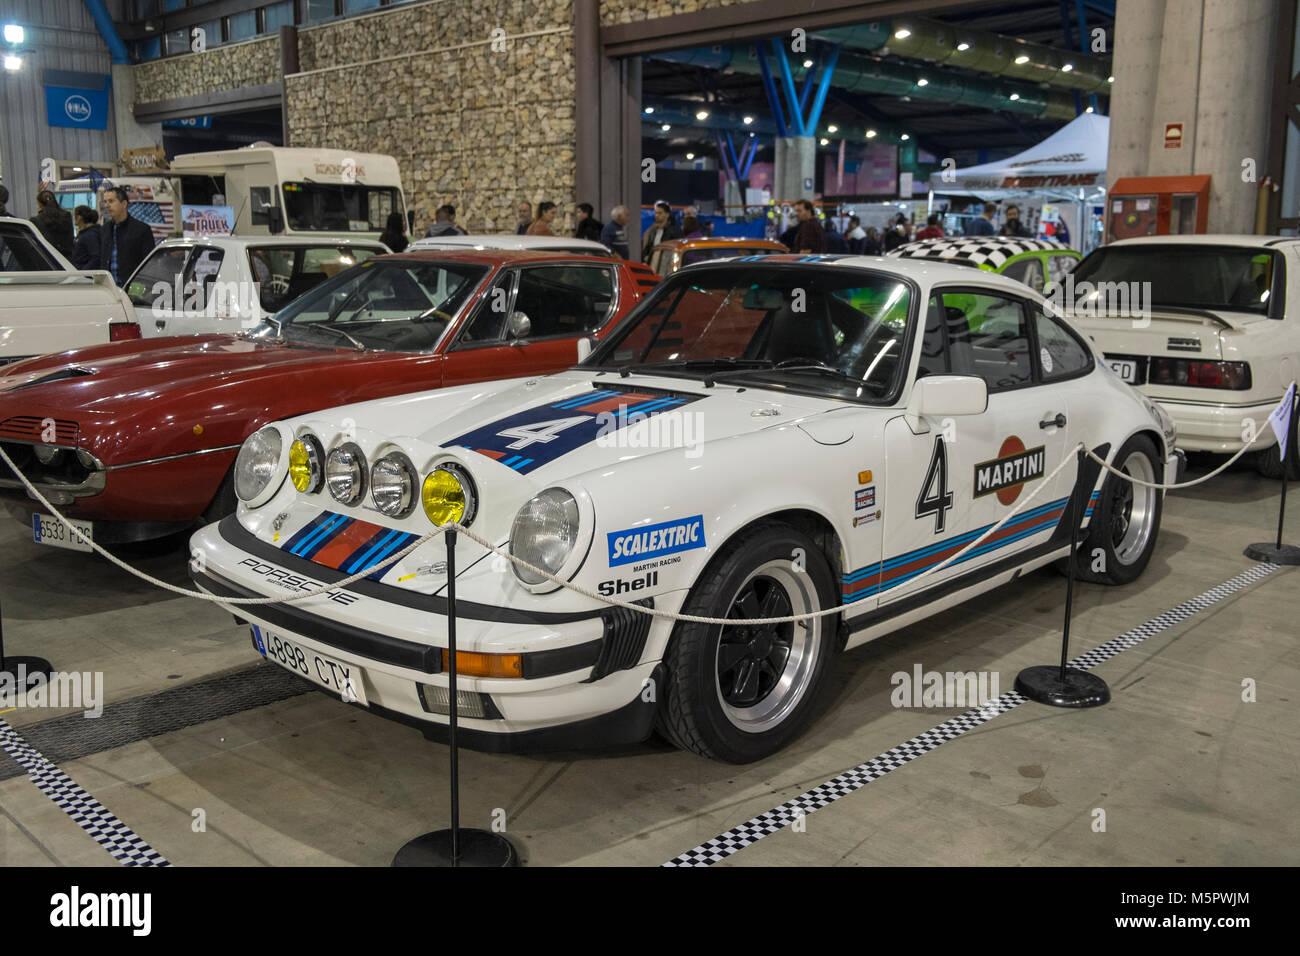 Porsche 911 Martini Retro Malaga 2018 Spain